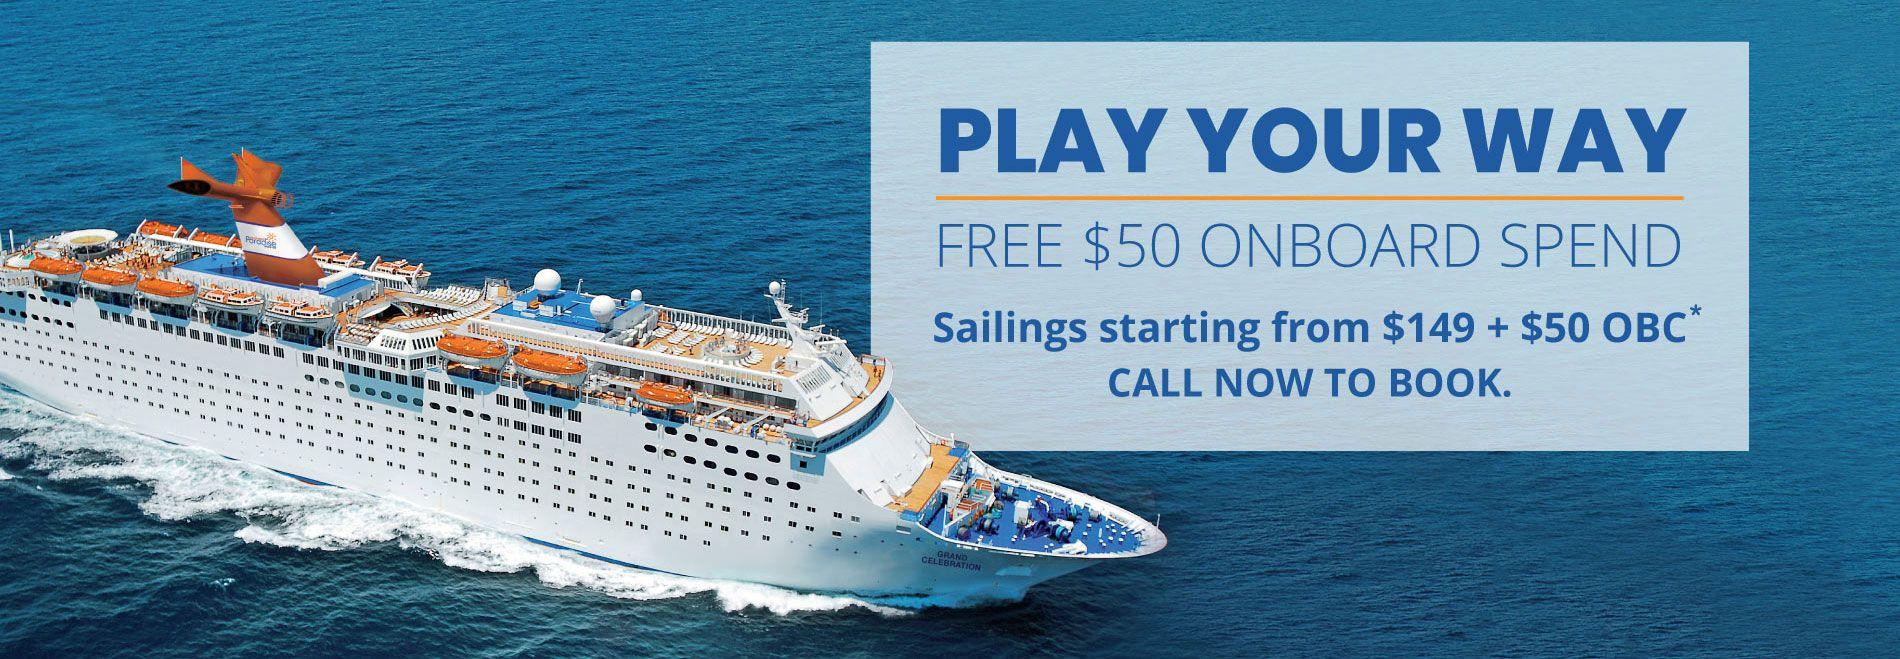 Best Bahamas Cruise Florida Cruise Deals Bahamas Cruise - Bahama cruise deals